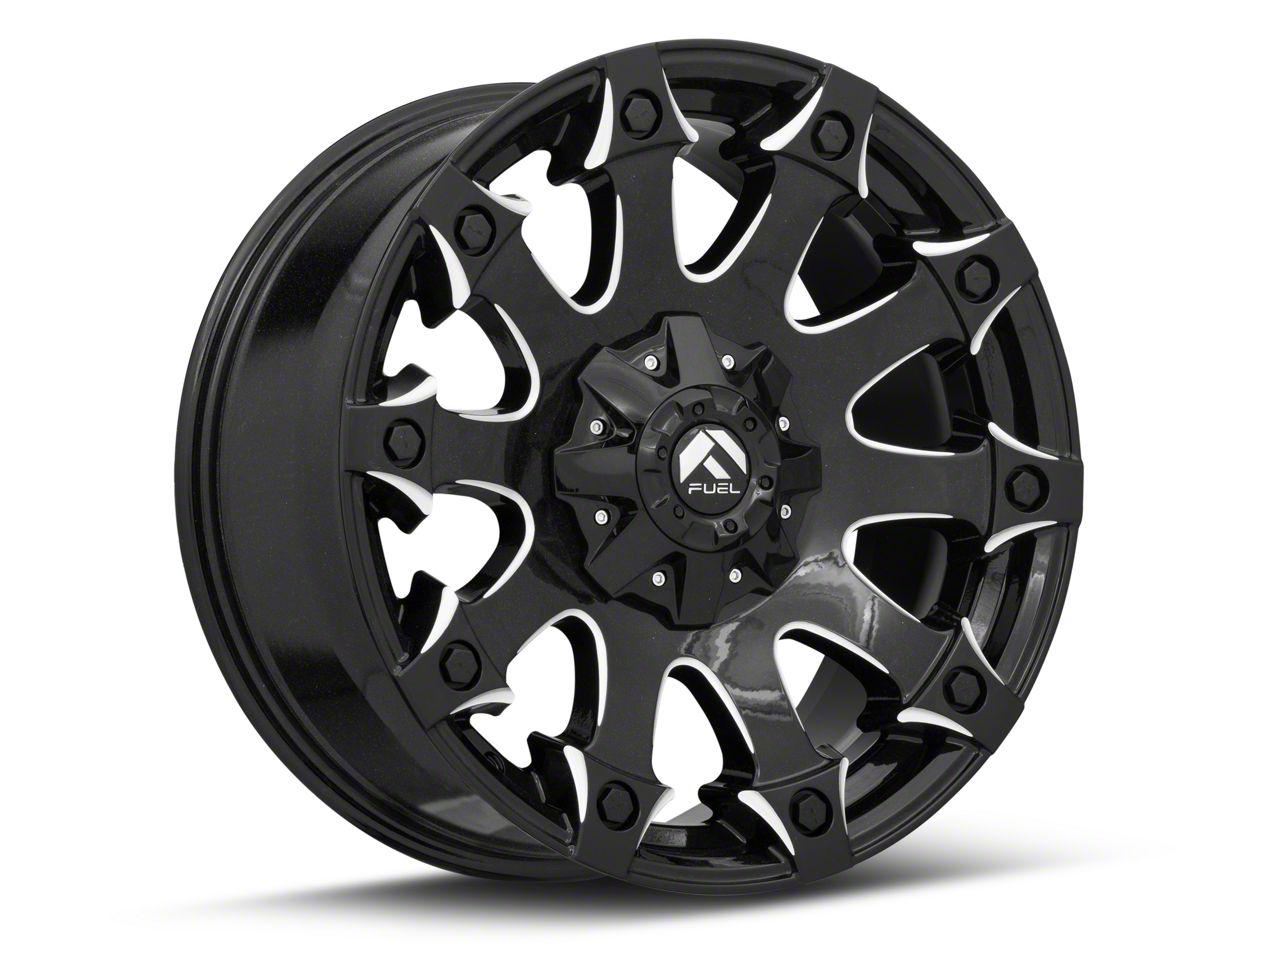 Fuel Wheels Battle Axe Gloss Black Milled 6-Lug Wheel - 20x9 (07-18 Sierra 1500)